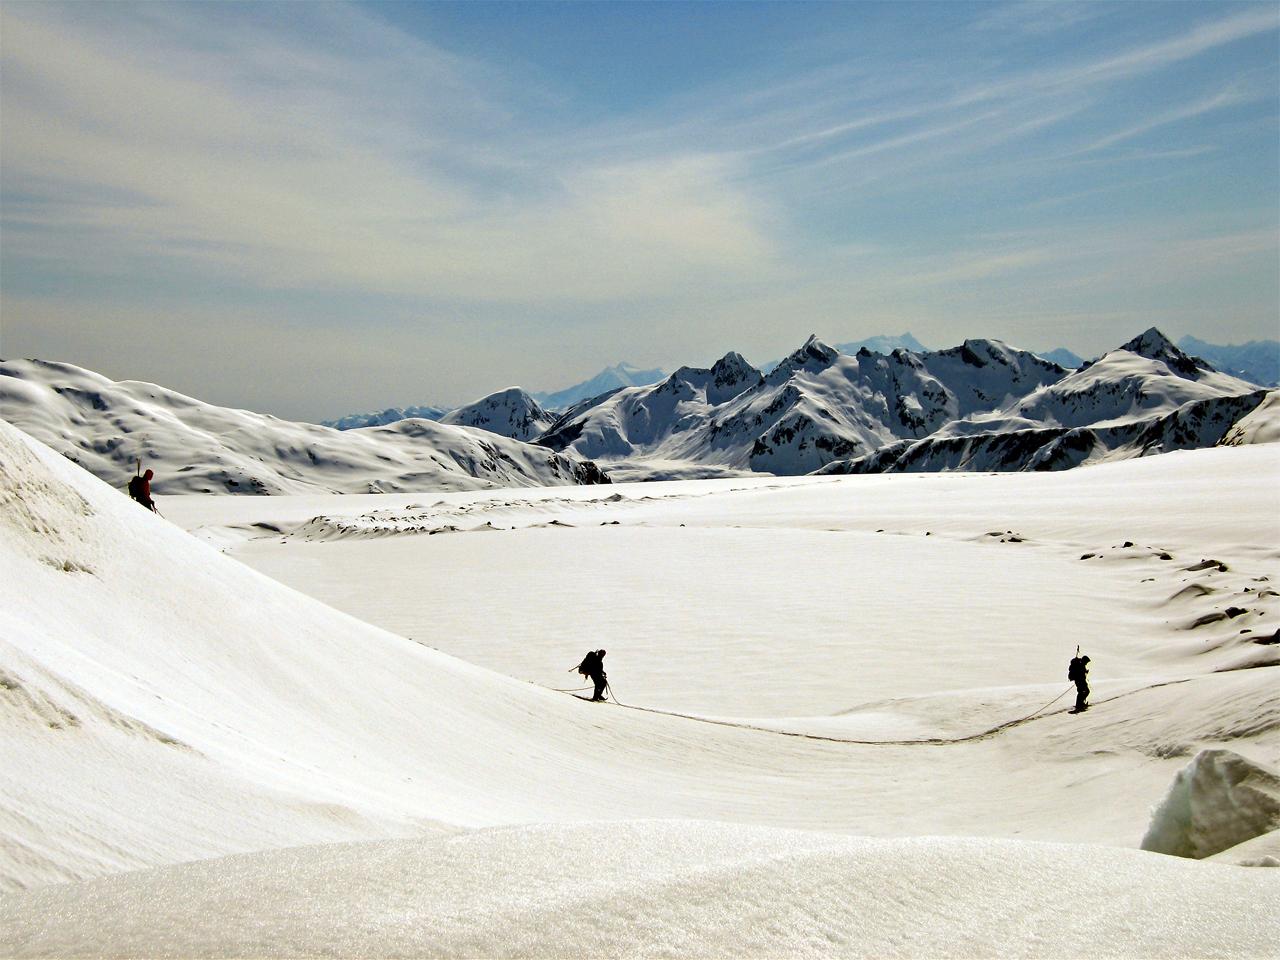 Activiteiten - Alpinisme gletser